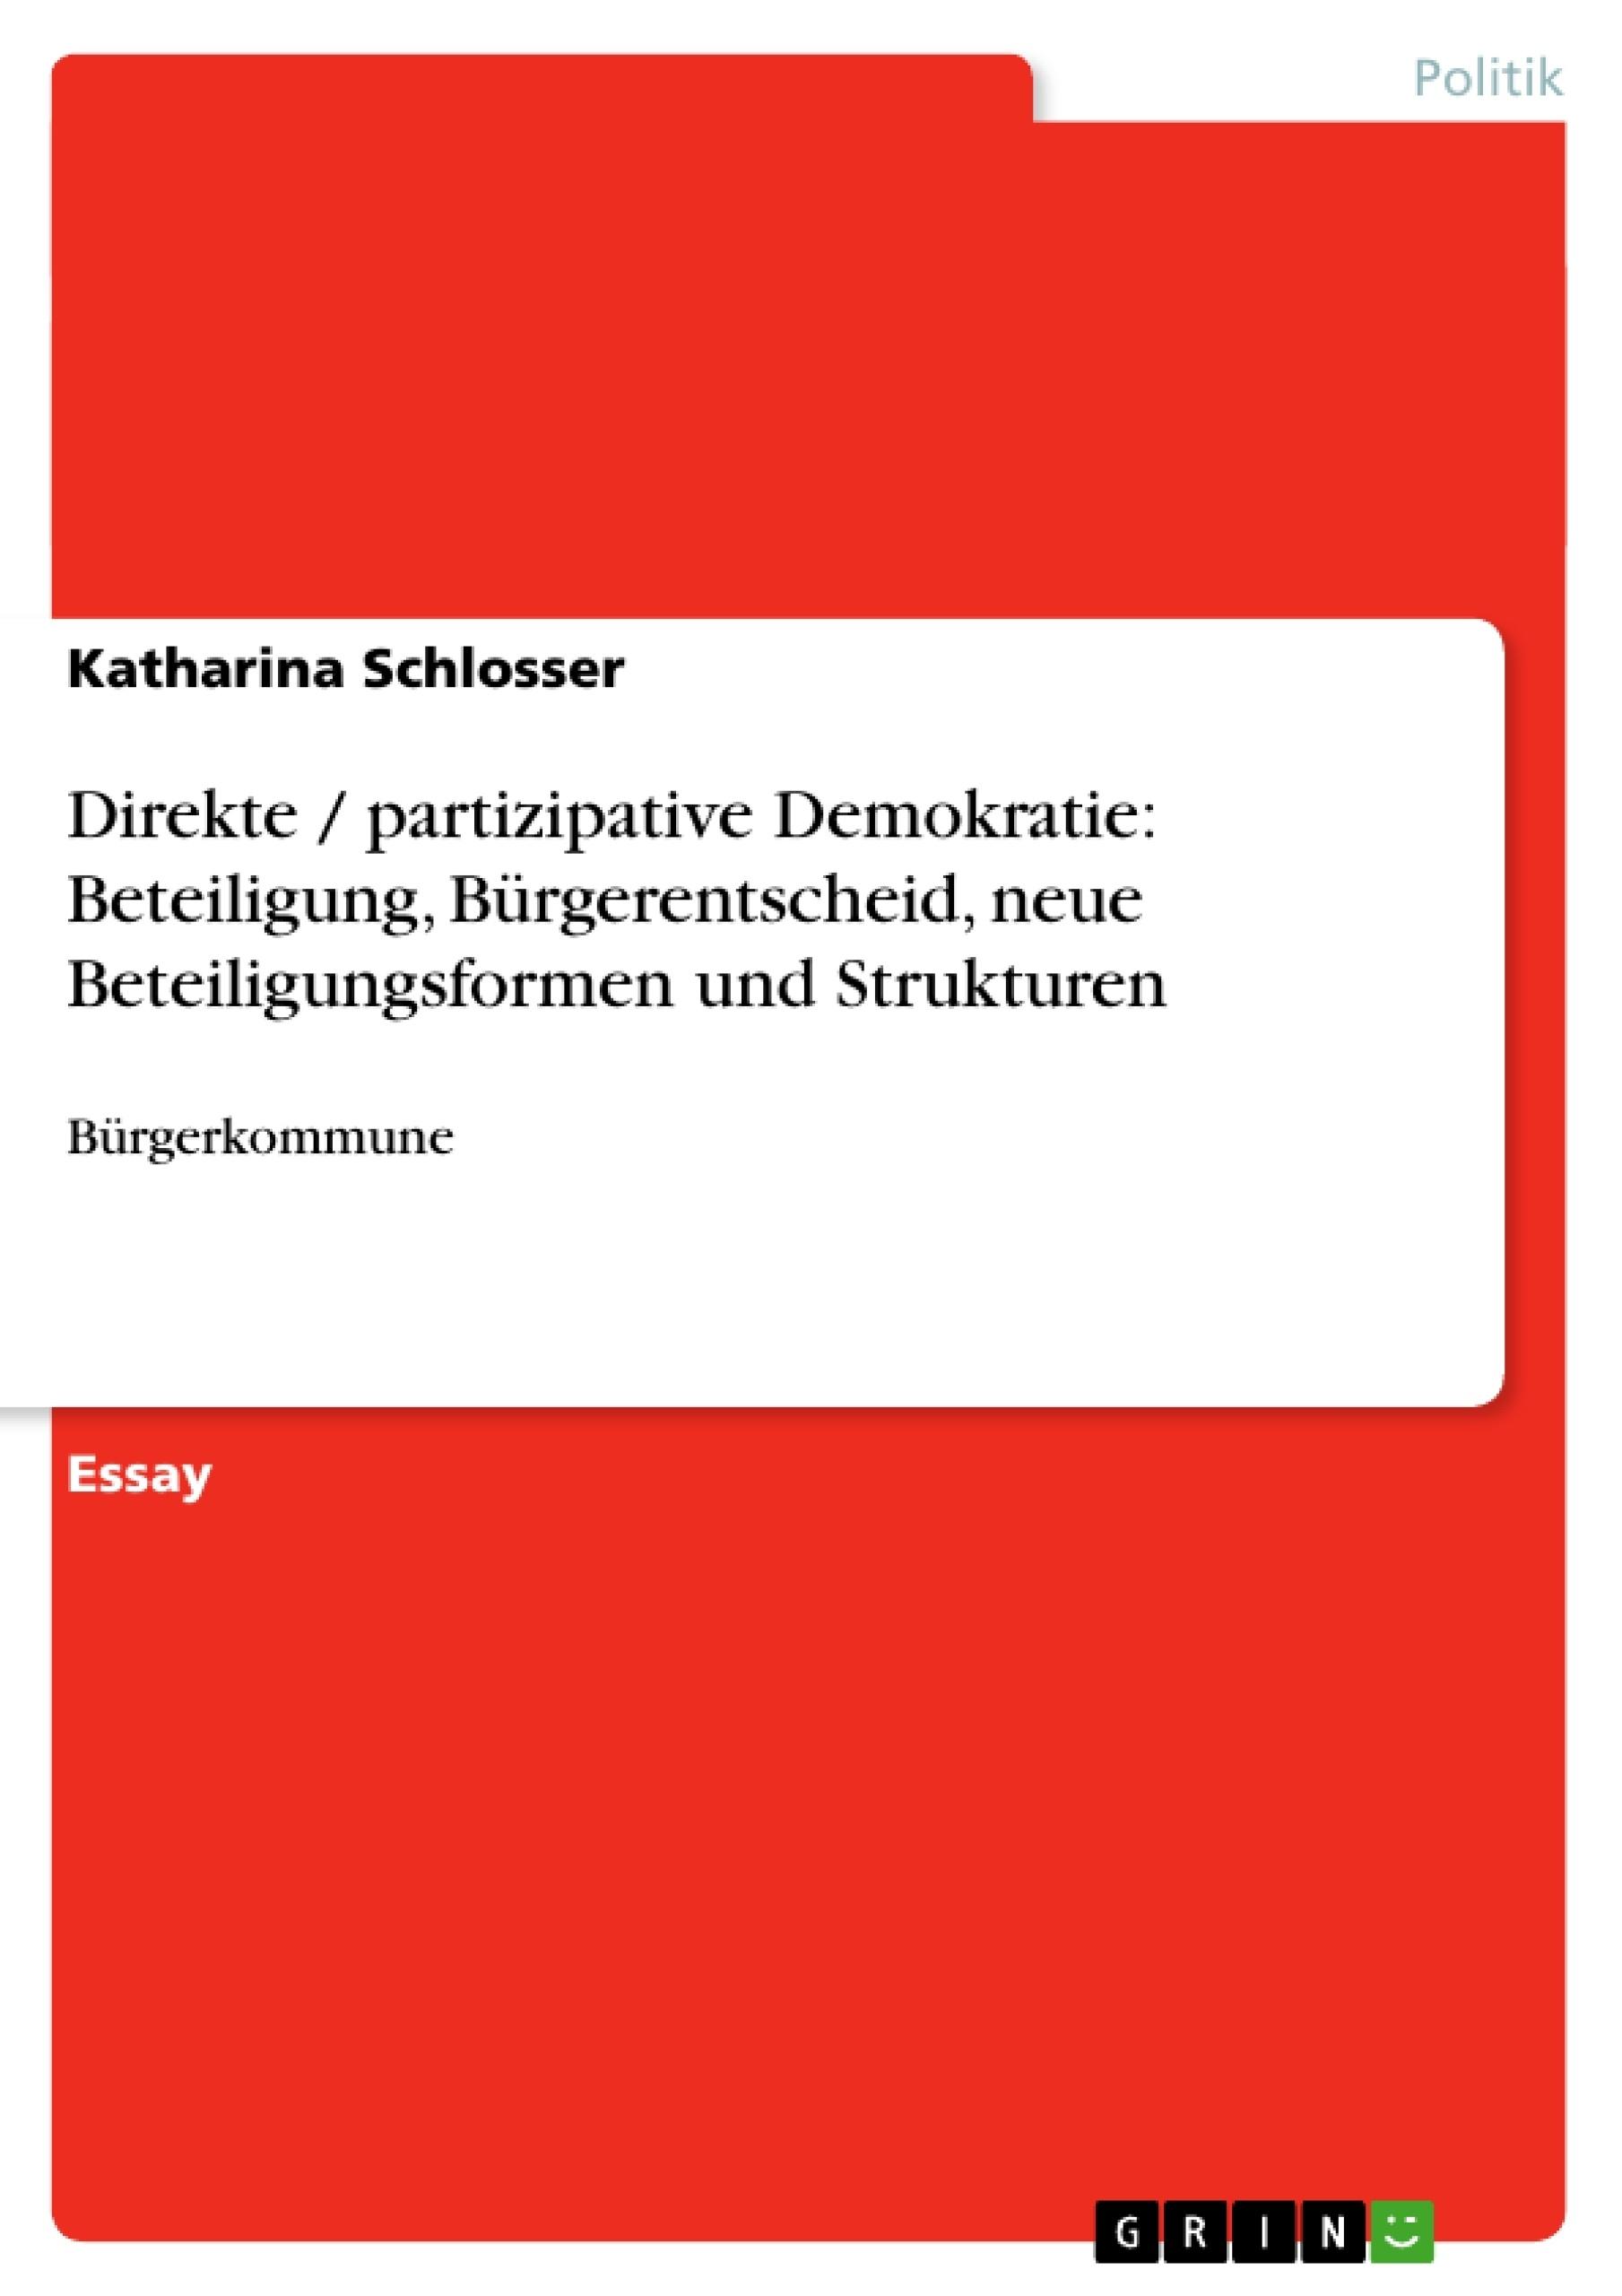 Titel: Direkte / partizipative Demokratie: Beteiligung, Bürgerentscheid, neue Beteiligungsformen und Strukturen